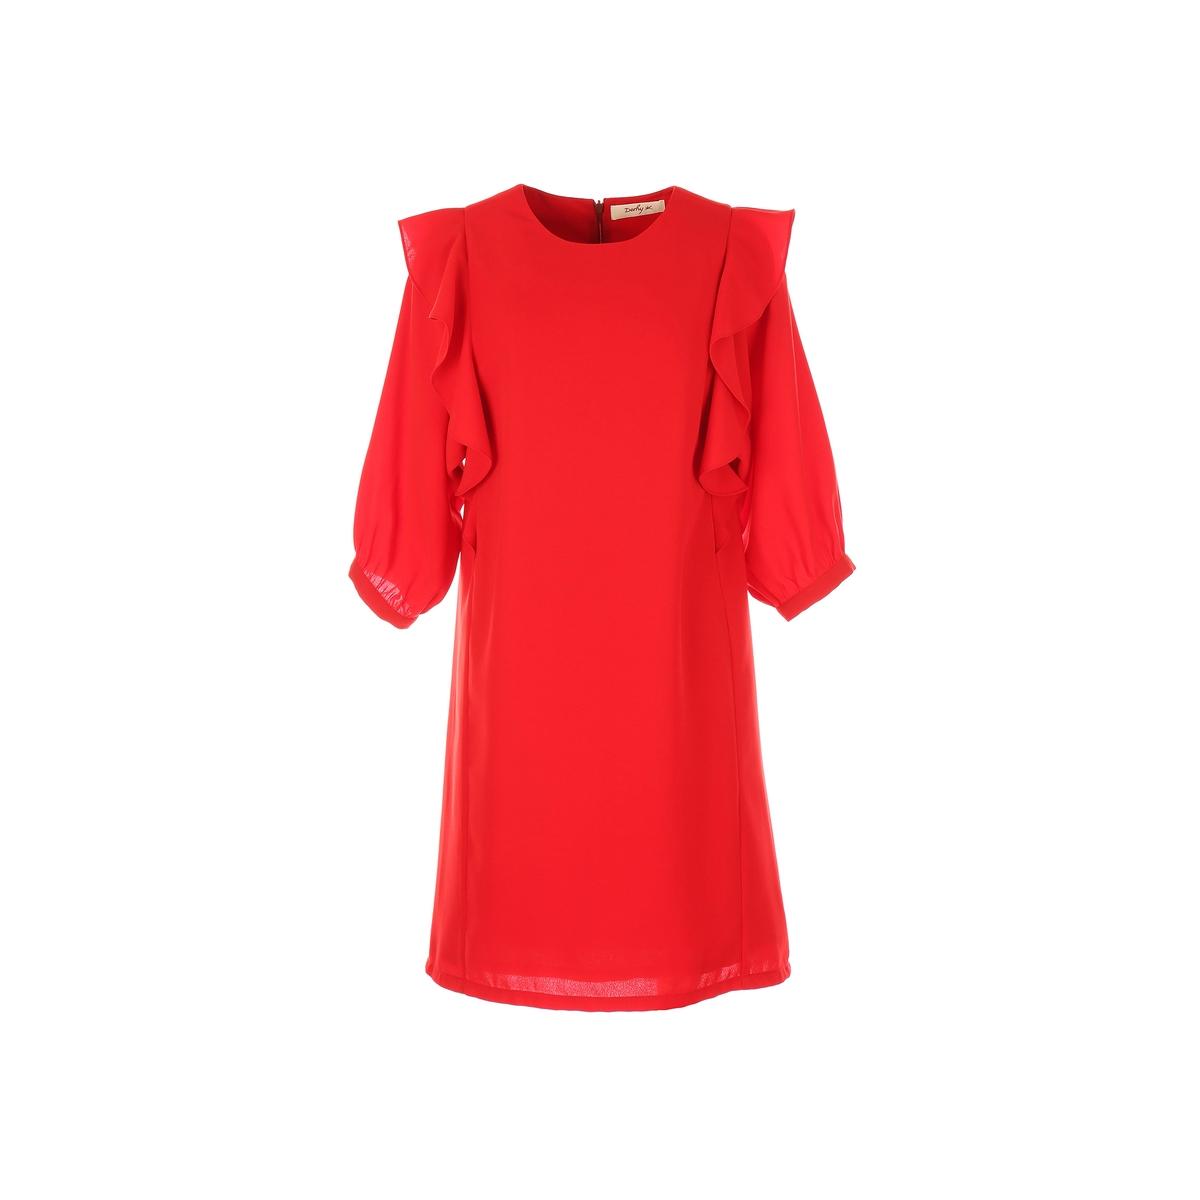 Платье короткое с воланами и рукавами 3/4Детали •  Форма : расклешенная •  Короткое  •  Длинные рукава     •  Круглый вырезСостав и уход •  100% полиэстер  •  Следуйте советам по уходу, указанным на этикетке<br><br>Цвет: красный<br>Размер: S.XL.L